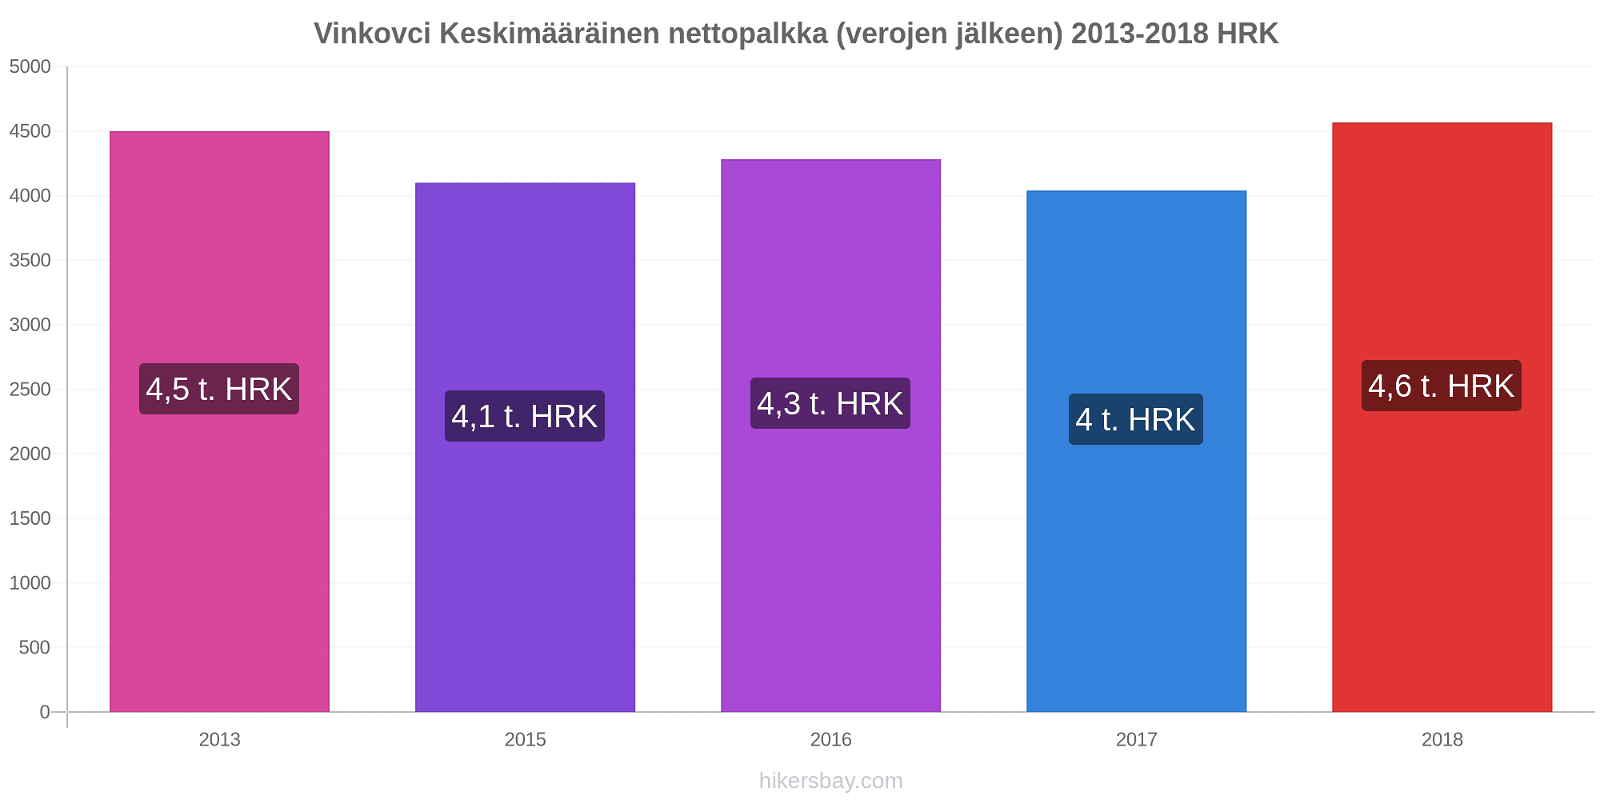 Vinkovci hintojen muutokset Keskimääräinen nettopalkka (verojen jälkeen) hikersbay.com